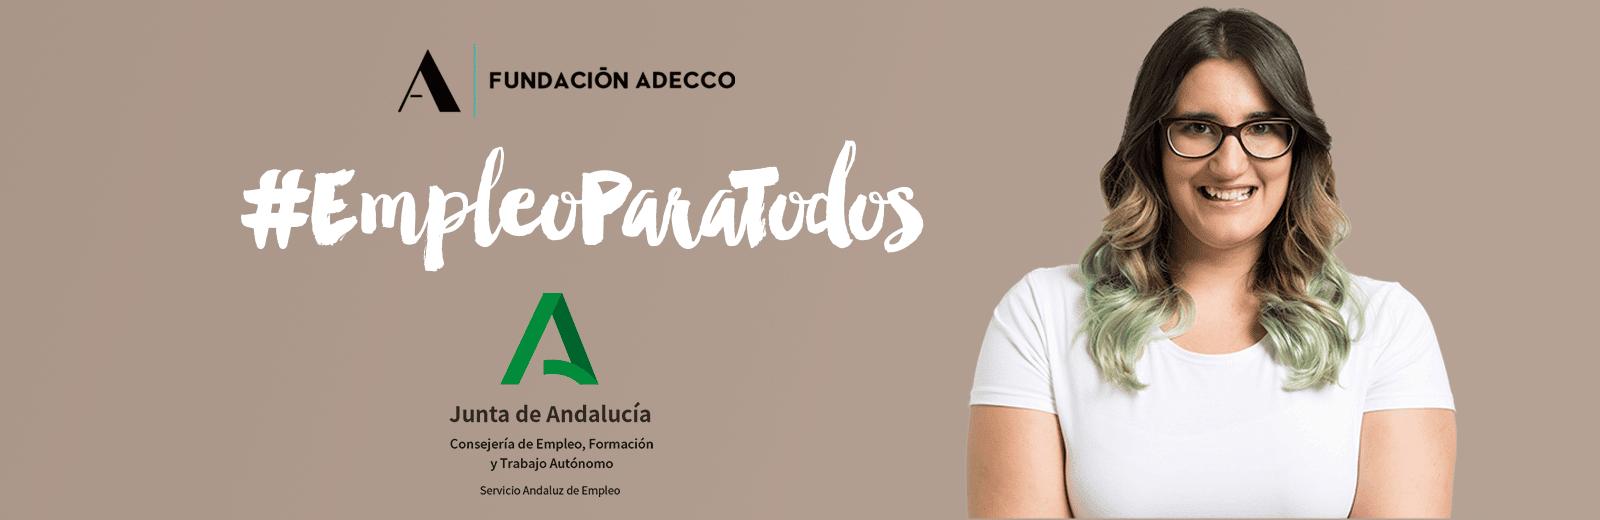 Programa de empleo para personas con discapacidad. Fundación Adecco. Financiado por la Junta de Andalucía.